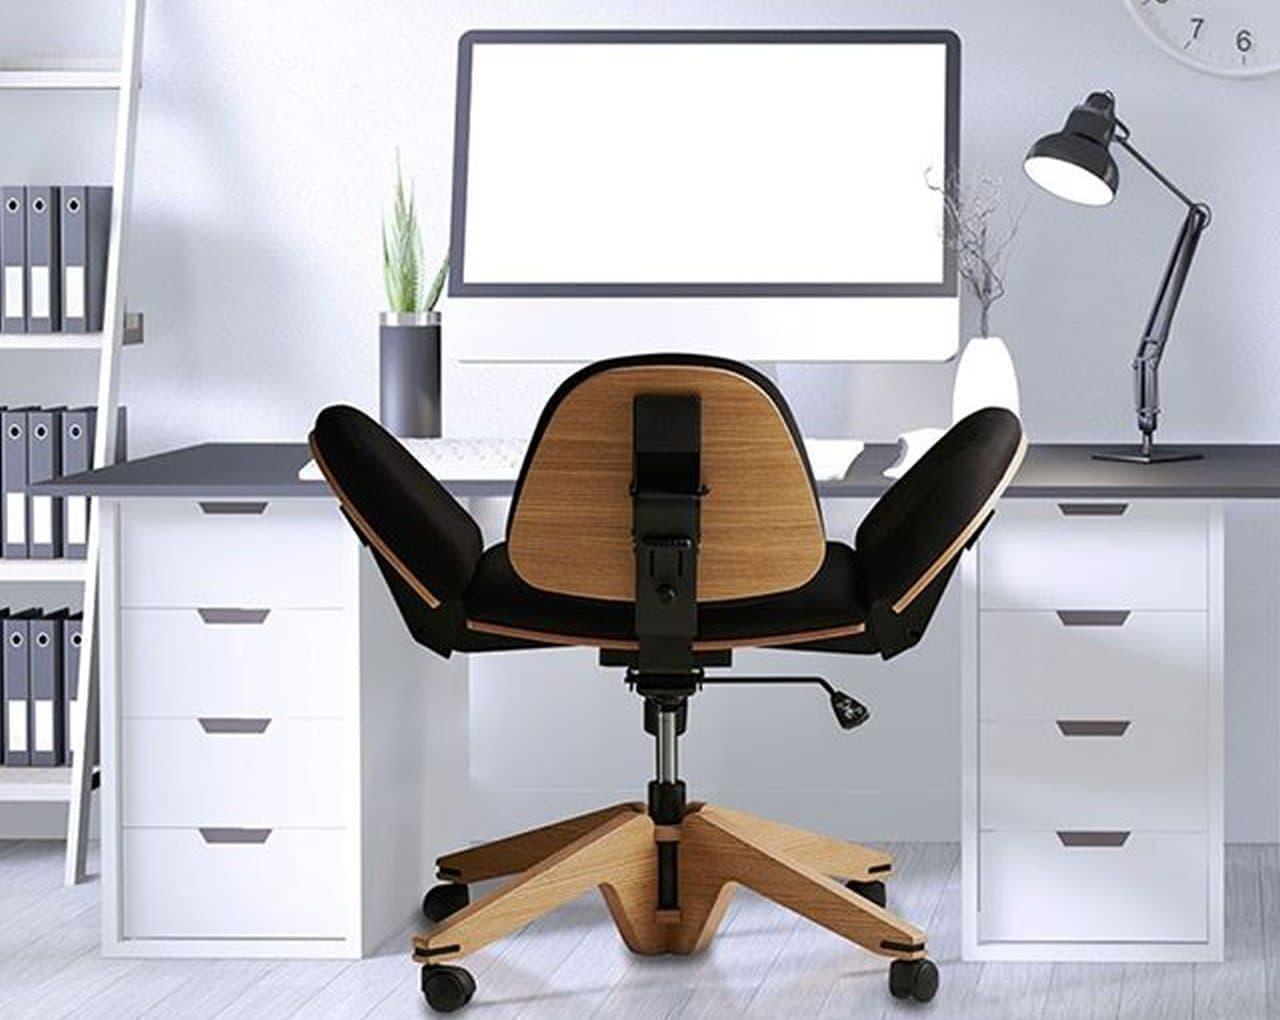 テレワークに!10以上の座り方で仕事のパフォーマンスを高める椅子「BeYou」